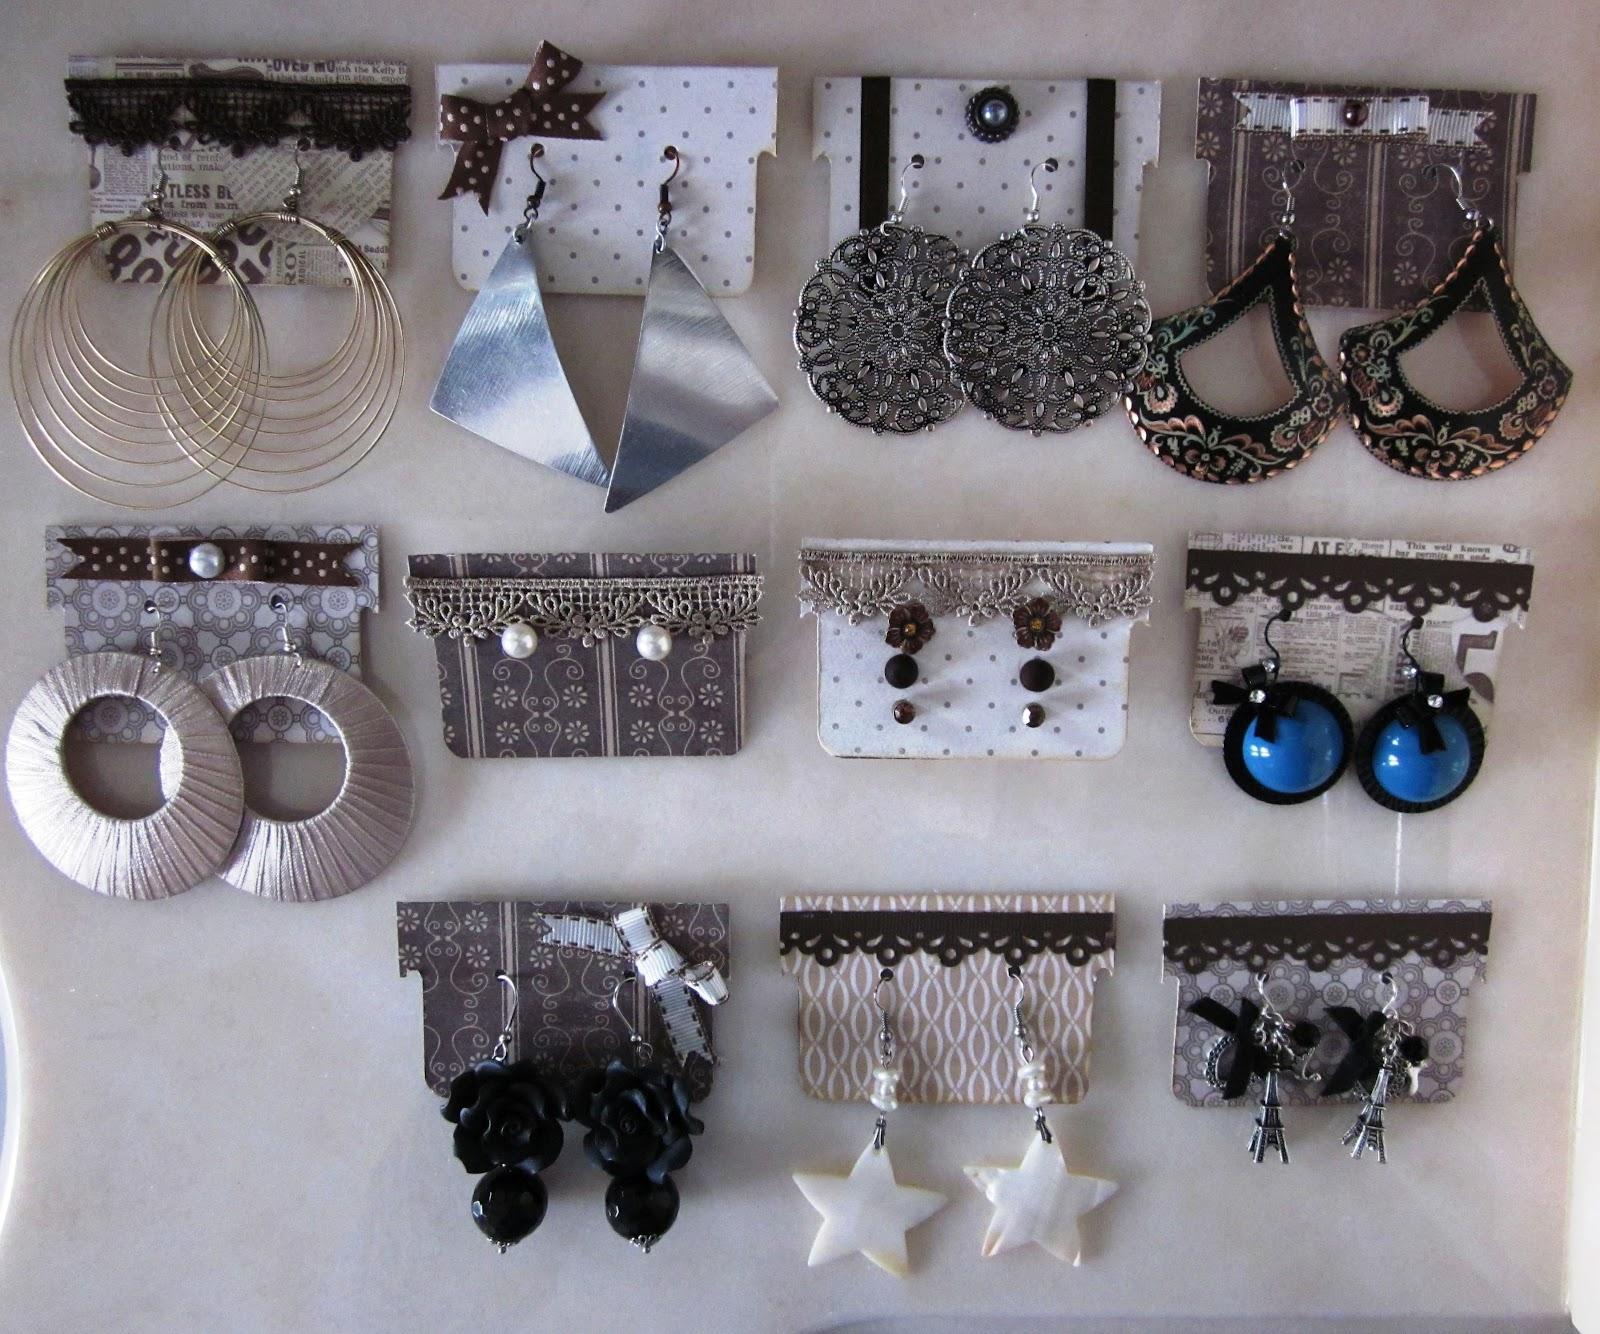 L 39 atelier de bb scatola porta orecchini - Scatola porta orecchini ...